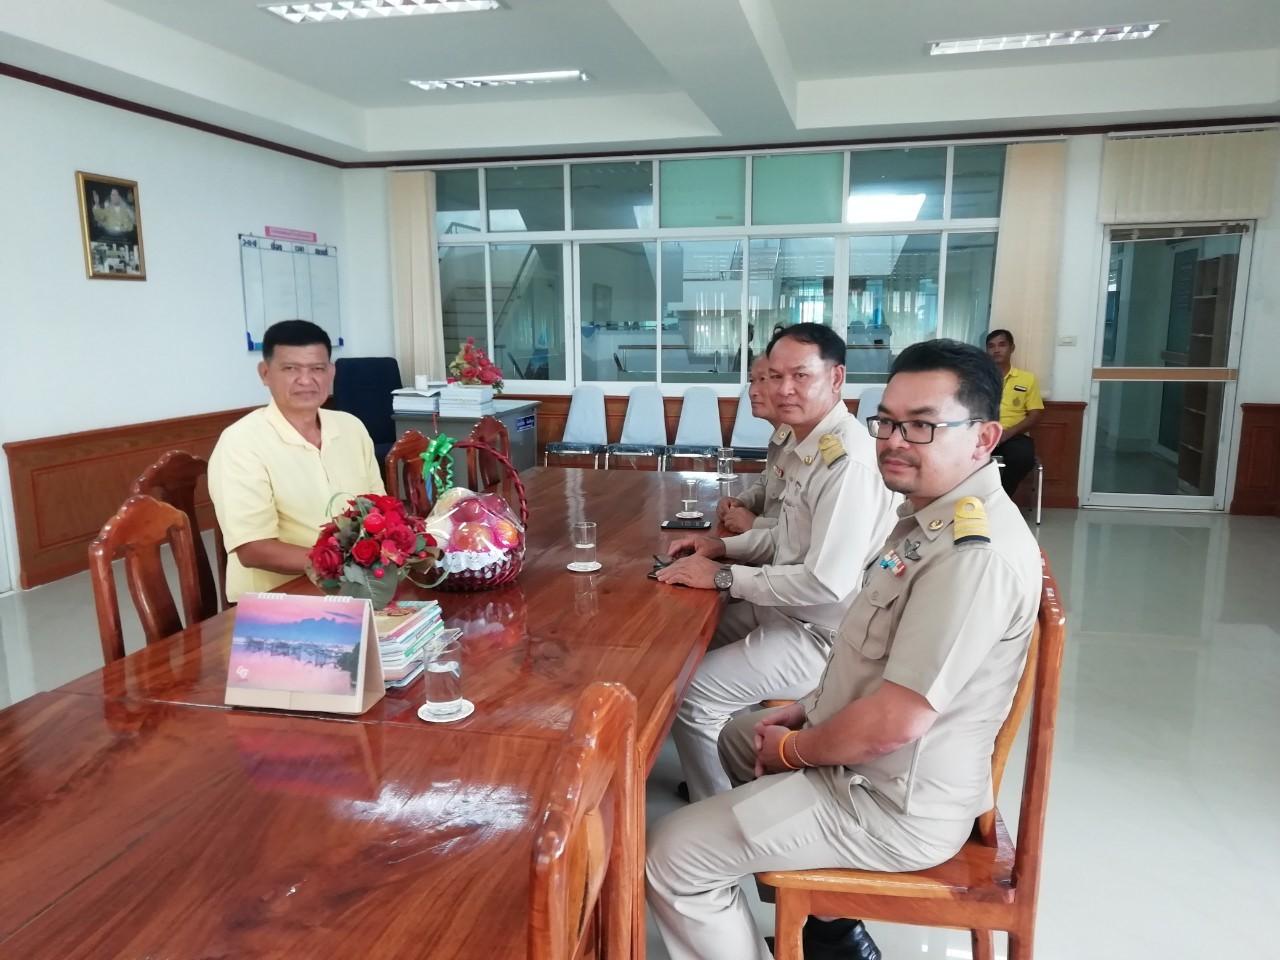 กปภ.สาขาลำปลายมาศเข้าพบหัวหน้าส่วนราชการร่วมประชุมเกี่ยวกับสถานการณ์น้ำ